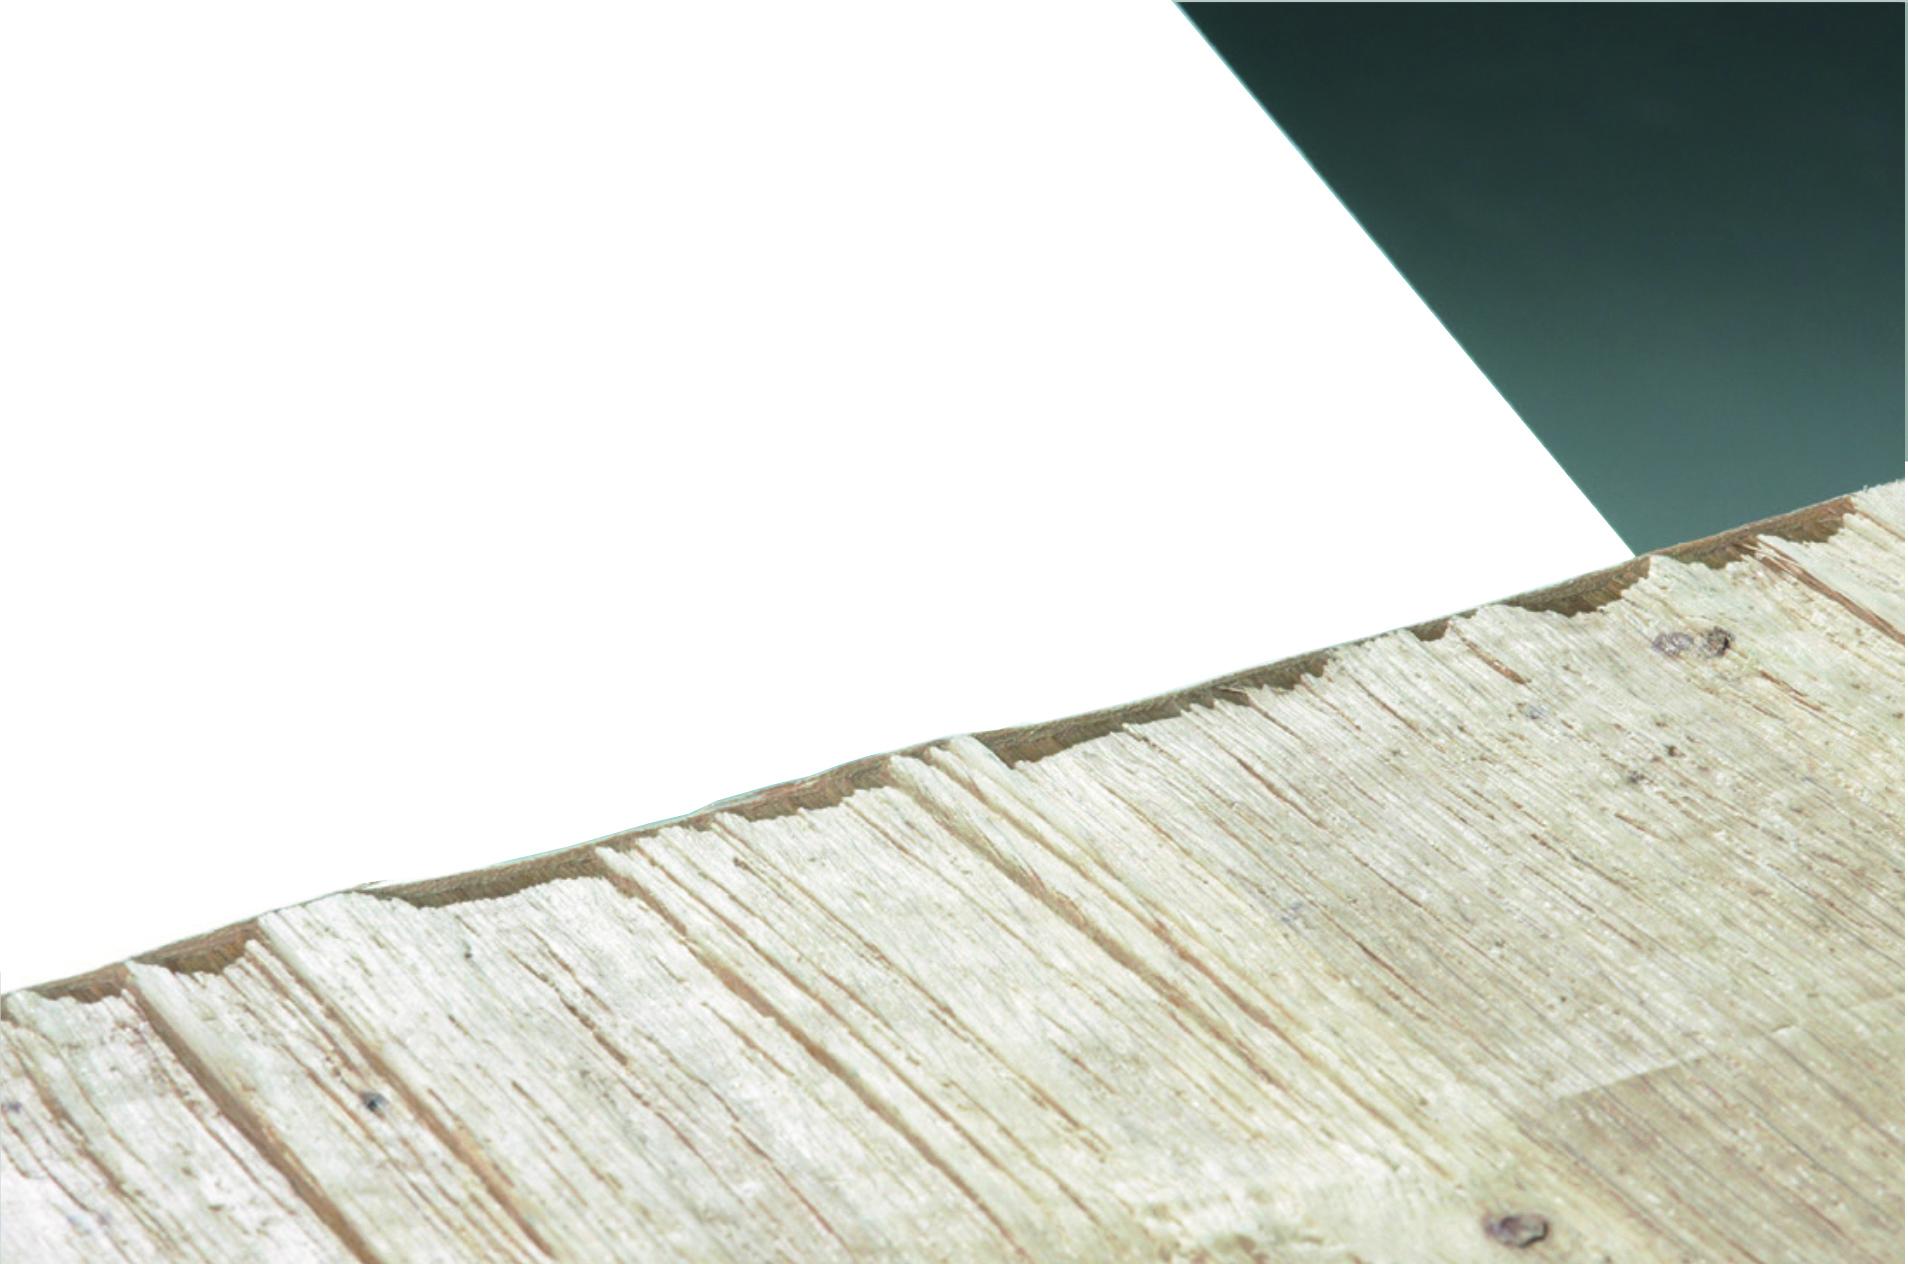 1. Kanten der Strukturplatten auf konventionellen Kantenbeschichtungsmaschinen mit ausreichend Überstand beschichten.